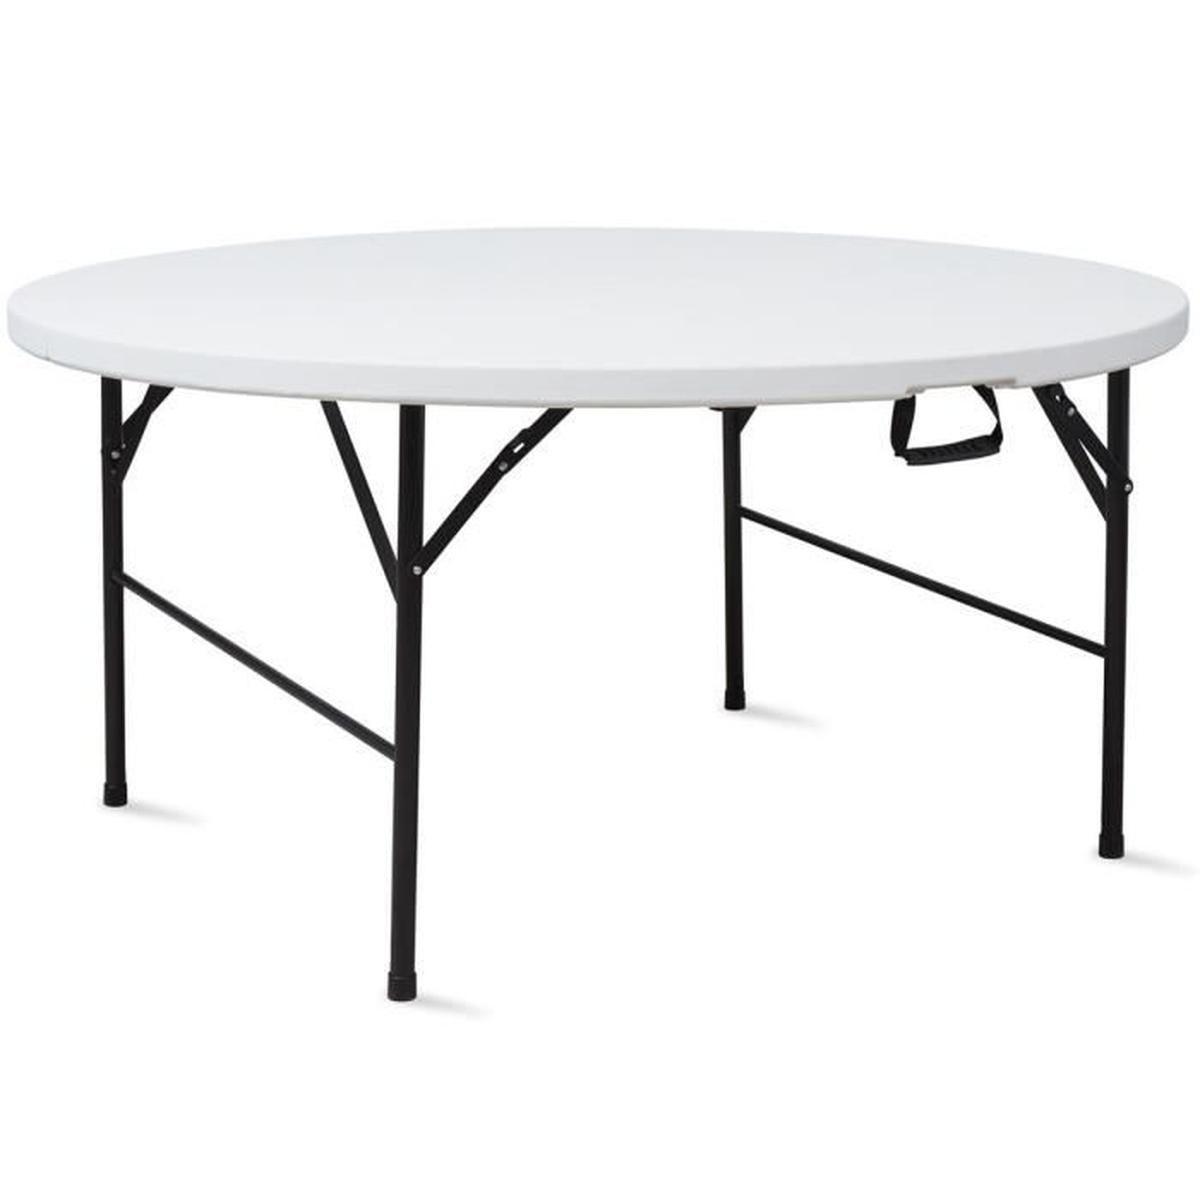 Table Pliante Ronde 180 Cm Portable - Achat / Vente Table De ... concernant Table Ronde Jardin Pas Cher